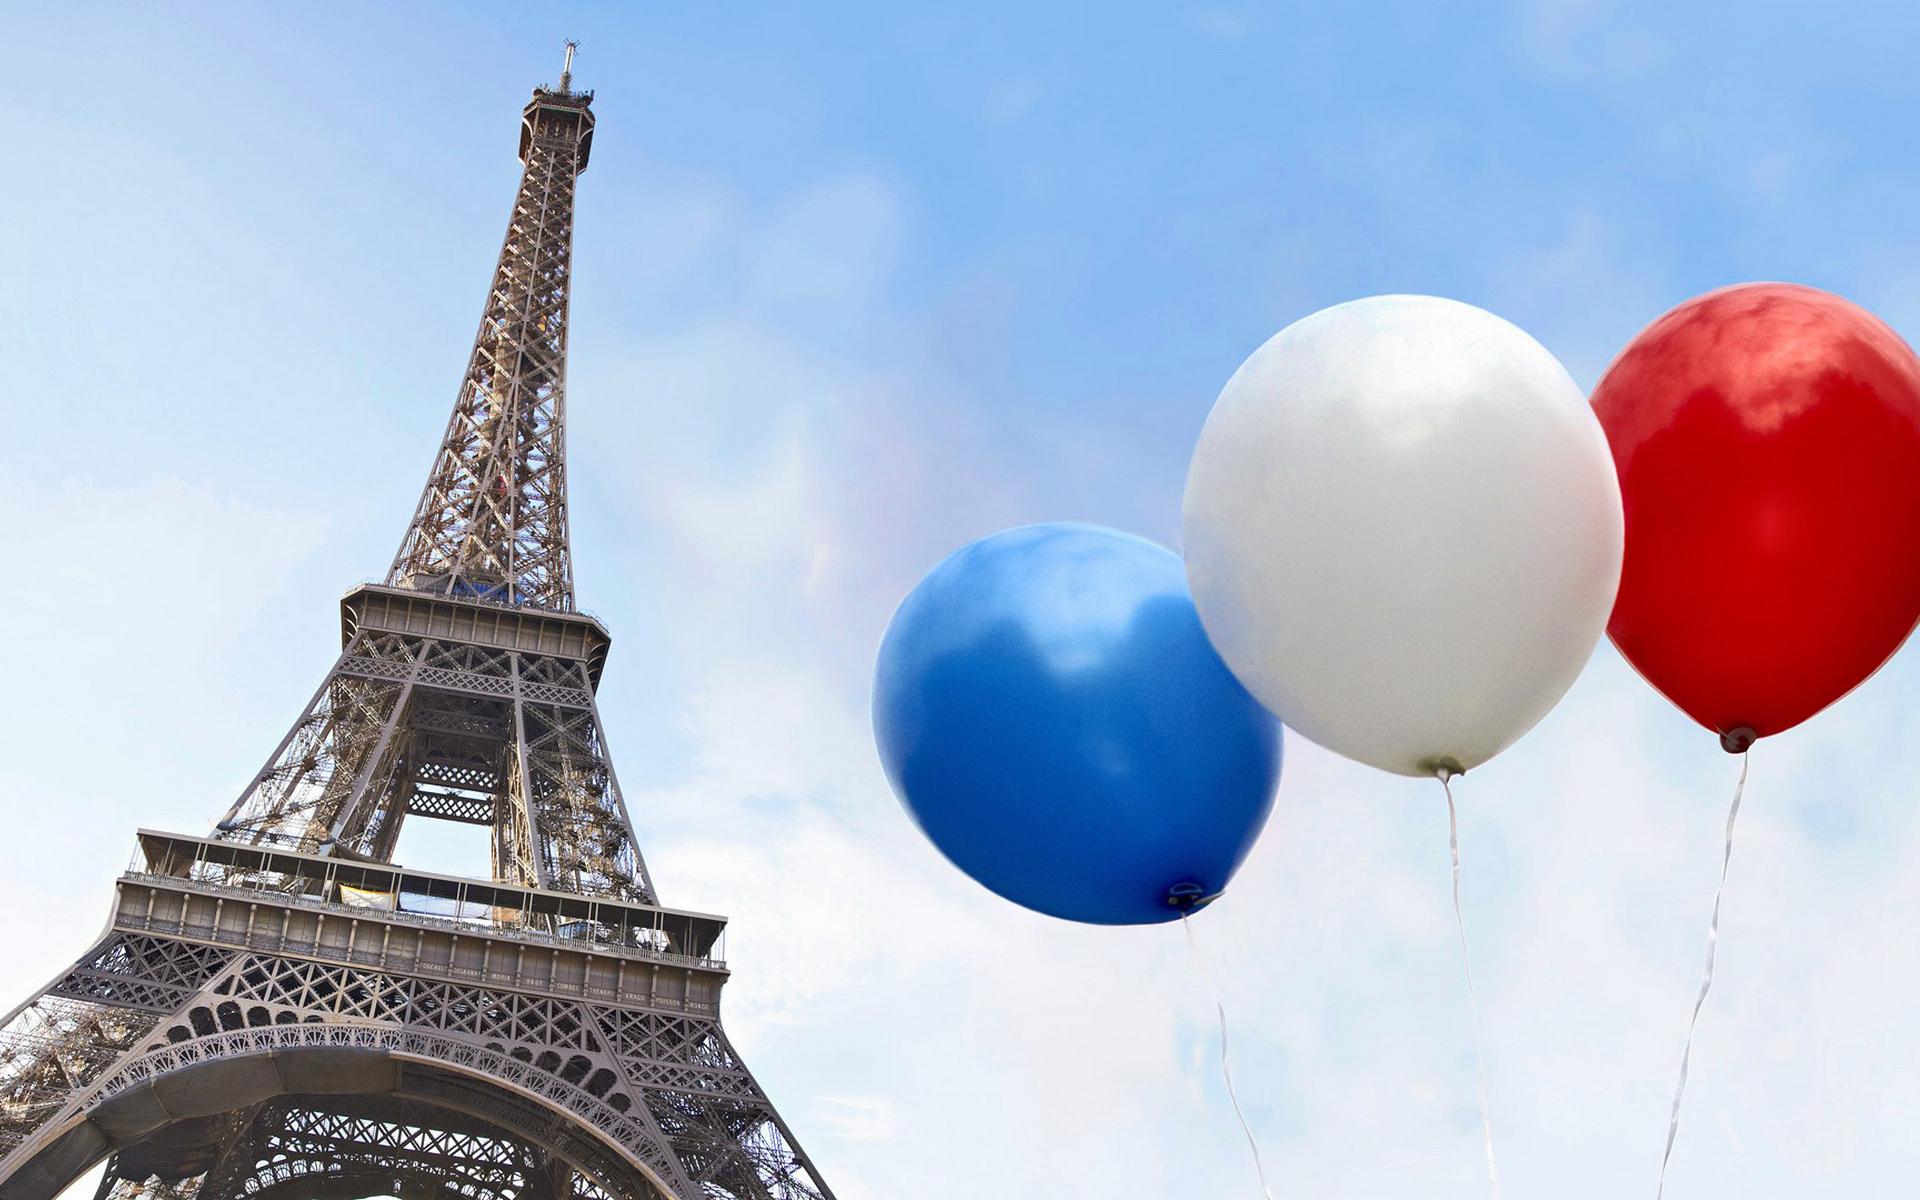 Париж, эйфелева башня, достопримечательность